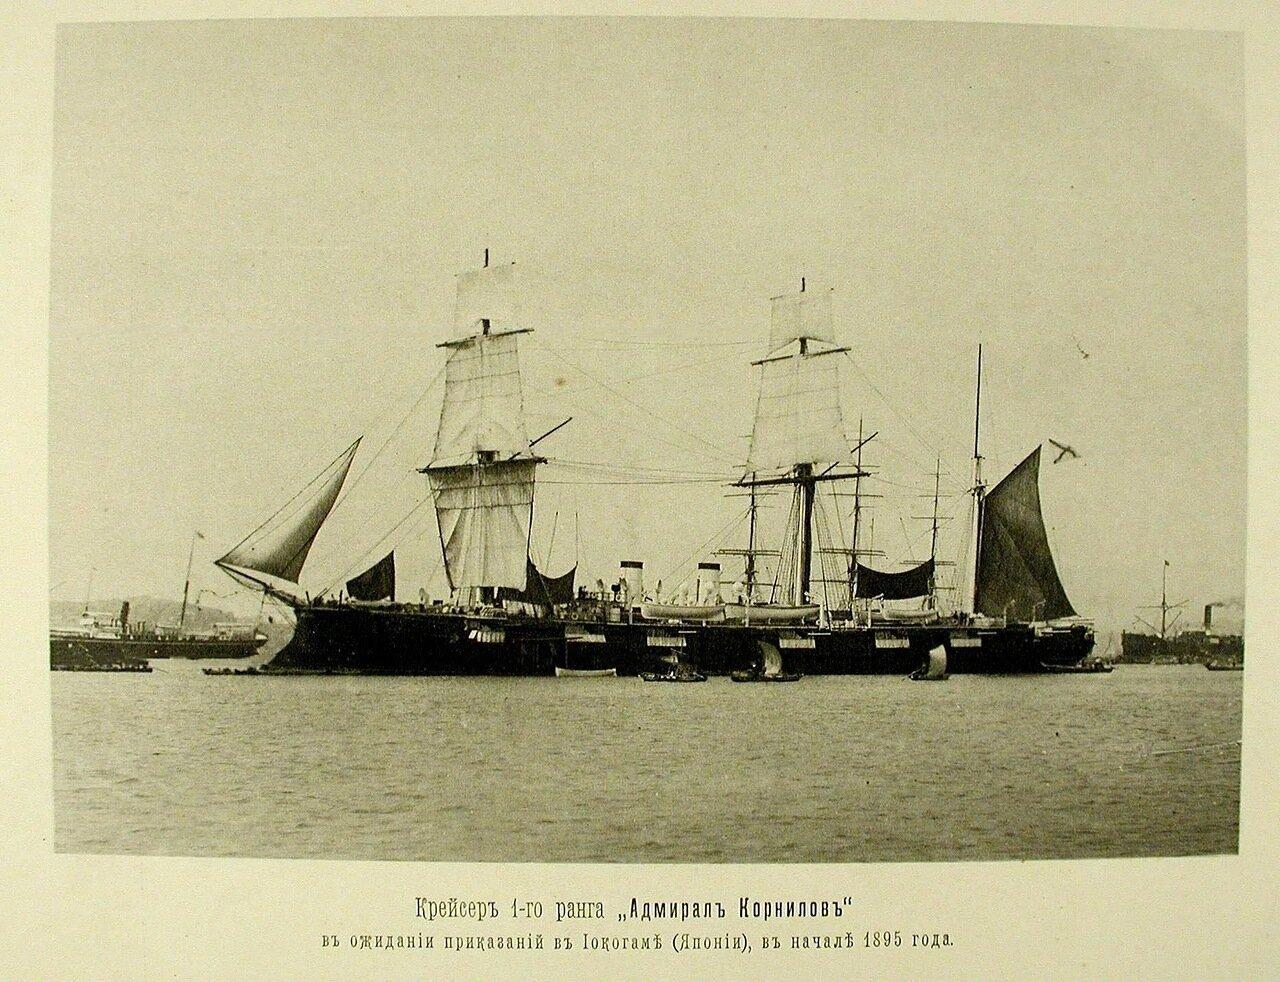 01. Крейсер 1-го ранга Адмирал Корнилов на рейде в порту Йокогамы. 20-26 апреля 1895.